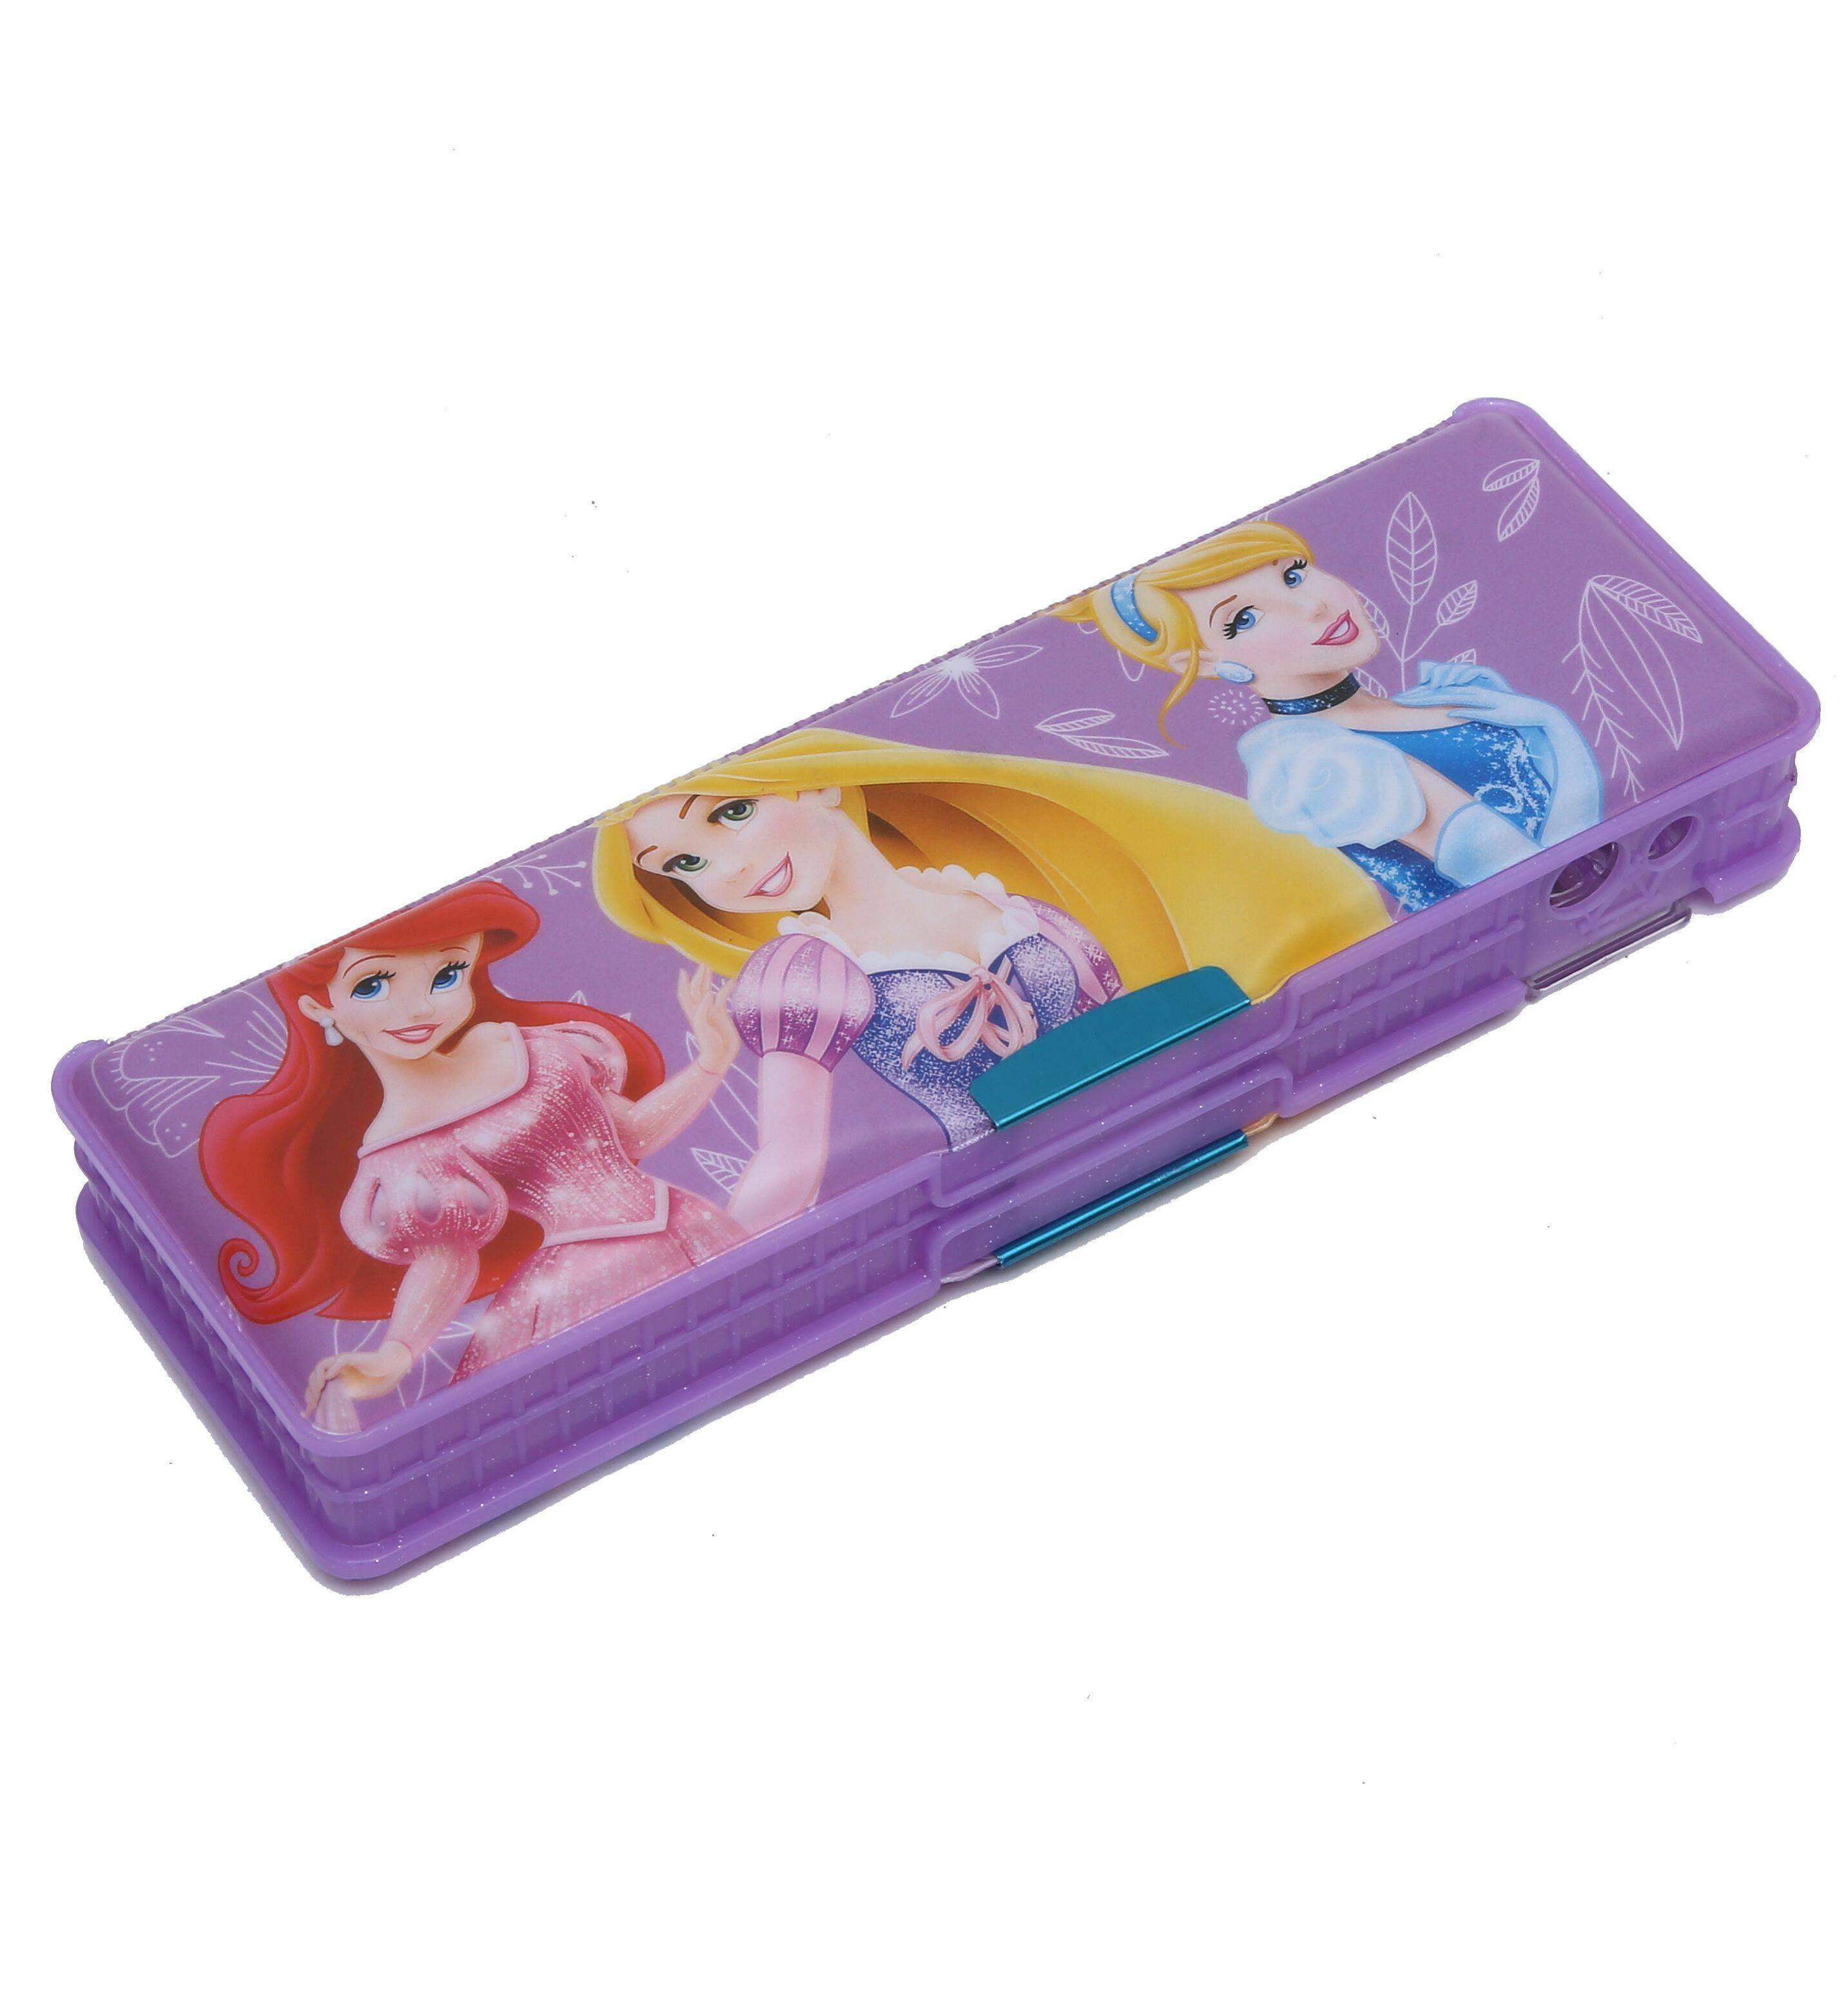 Wimbley disney princess pencil box SDL 1 d5a74